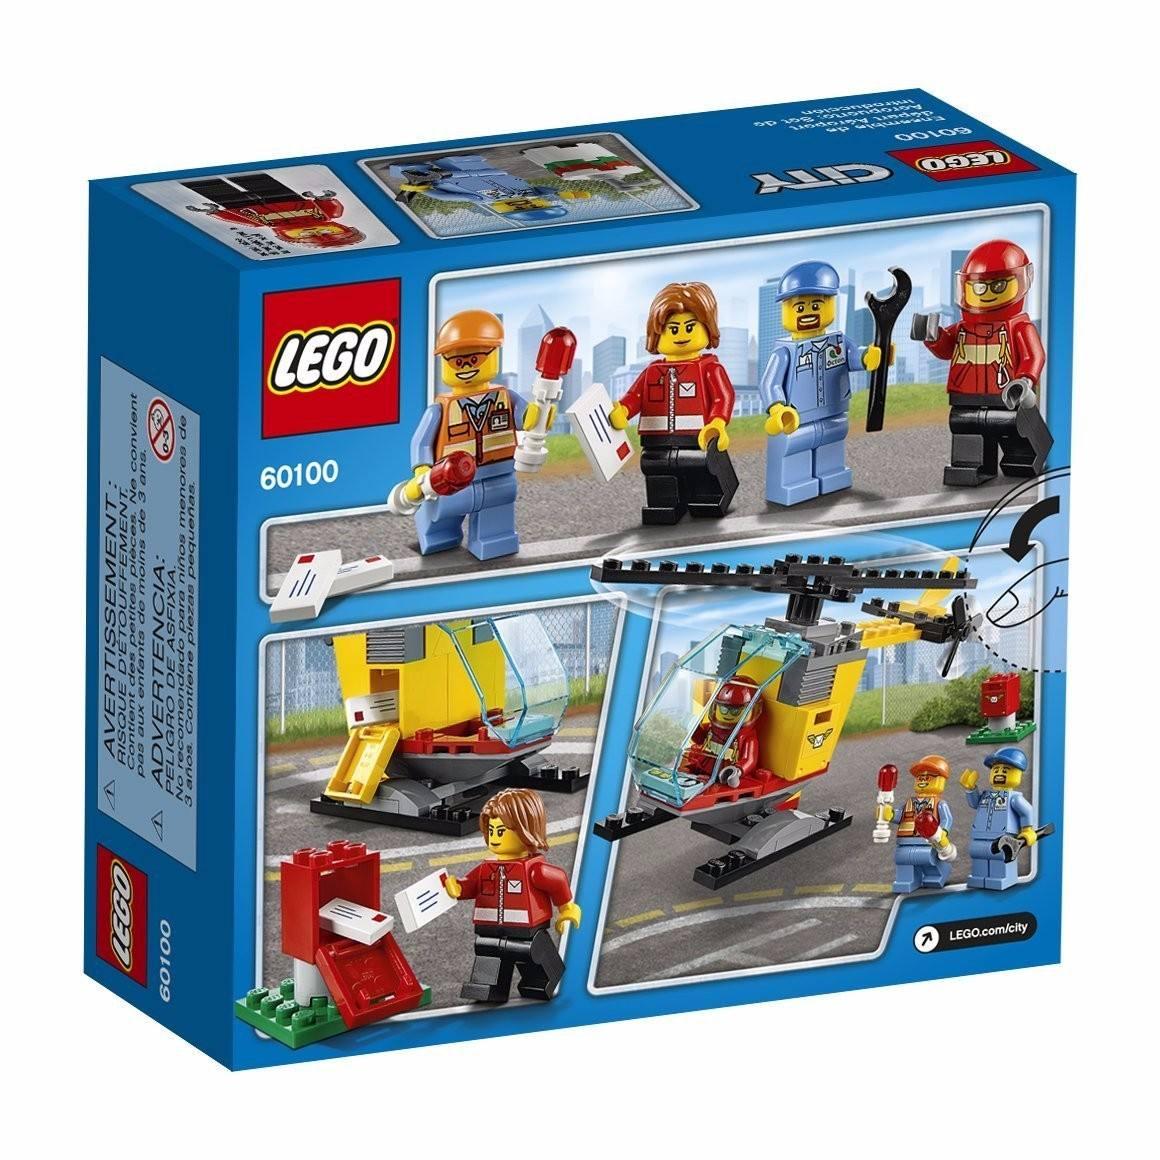 Set de introducción LEGO 60100 Aeropuerto